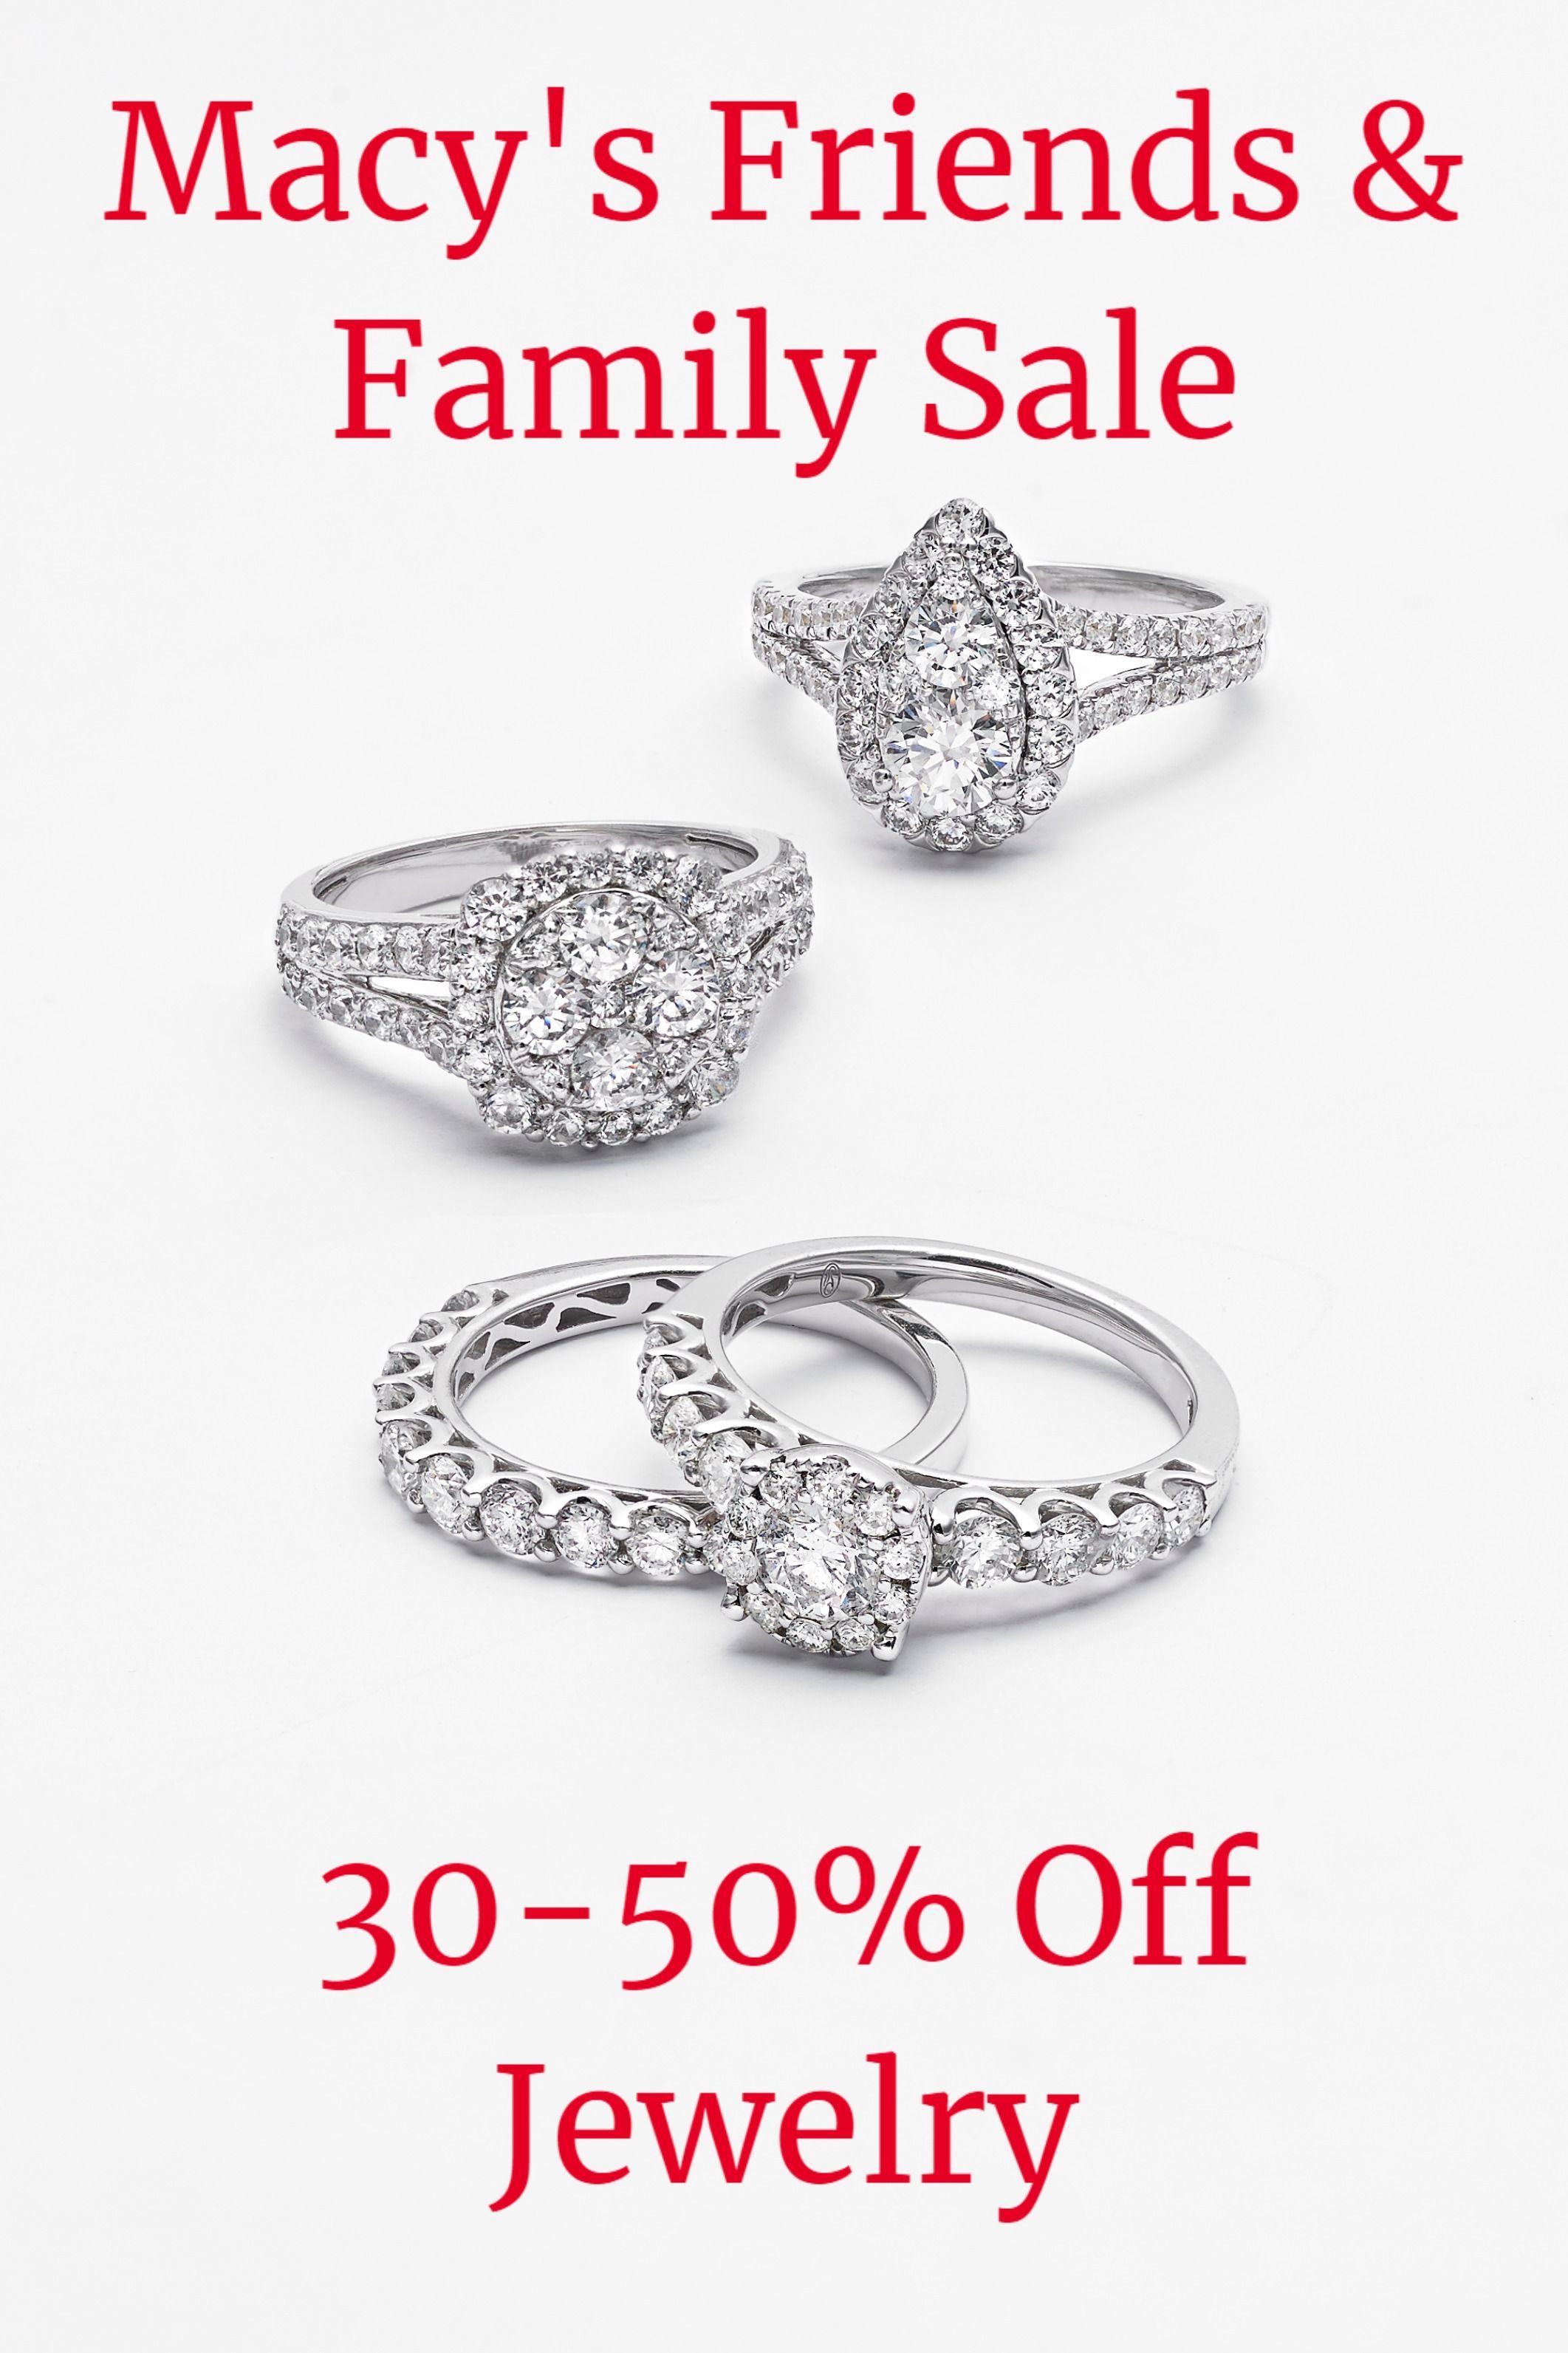 32++ When is macys jewelry sale information